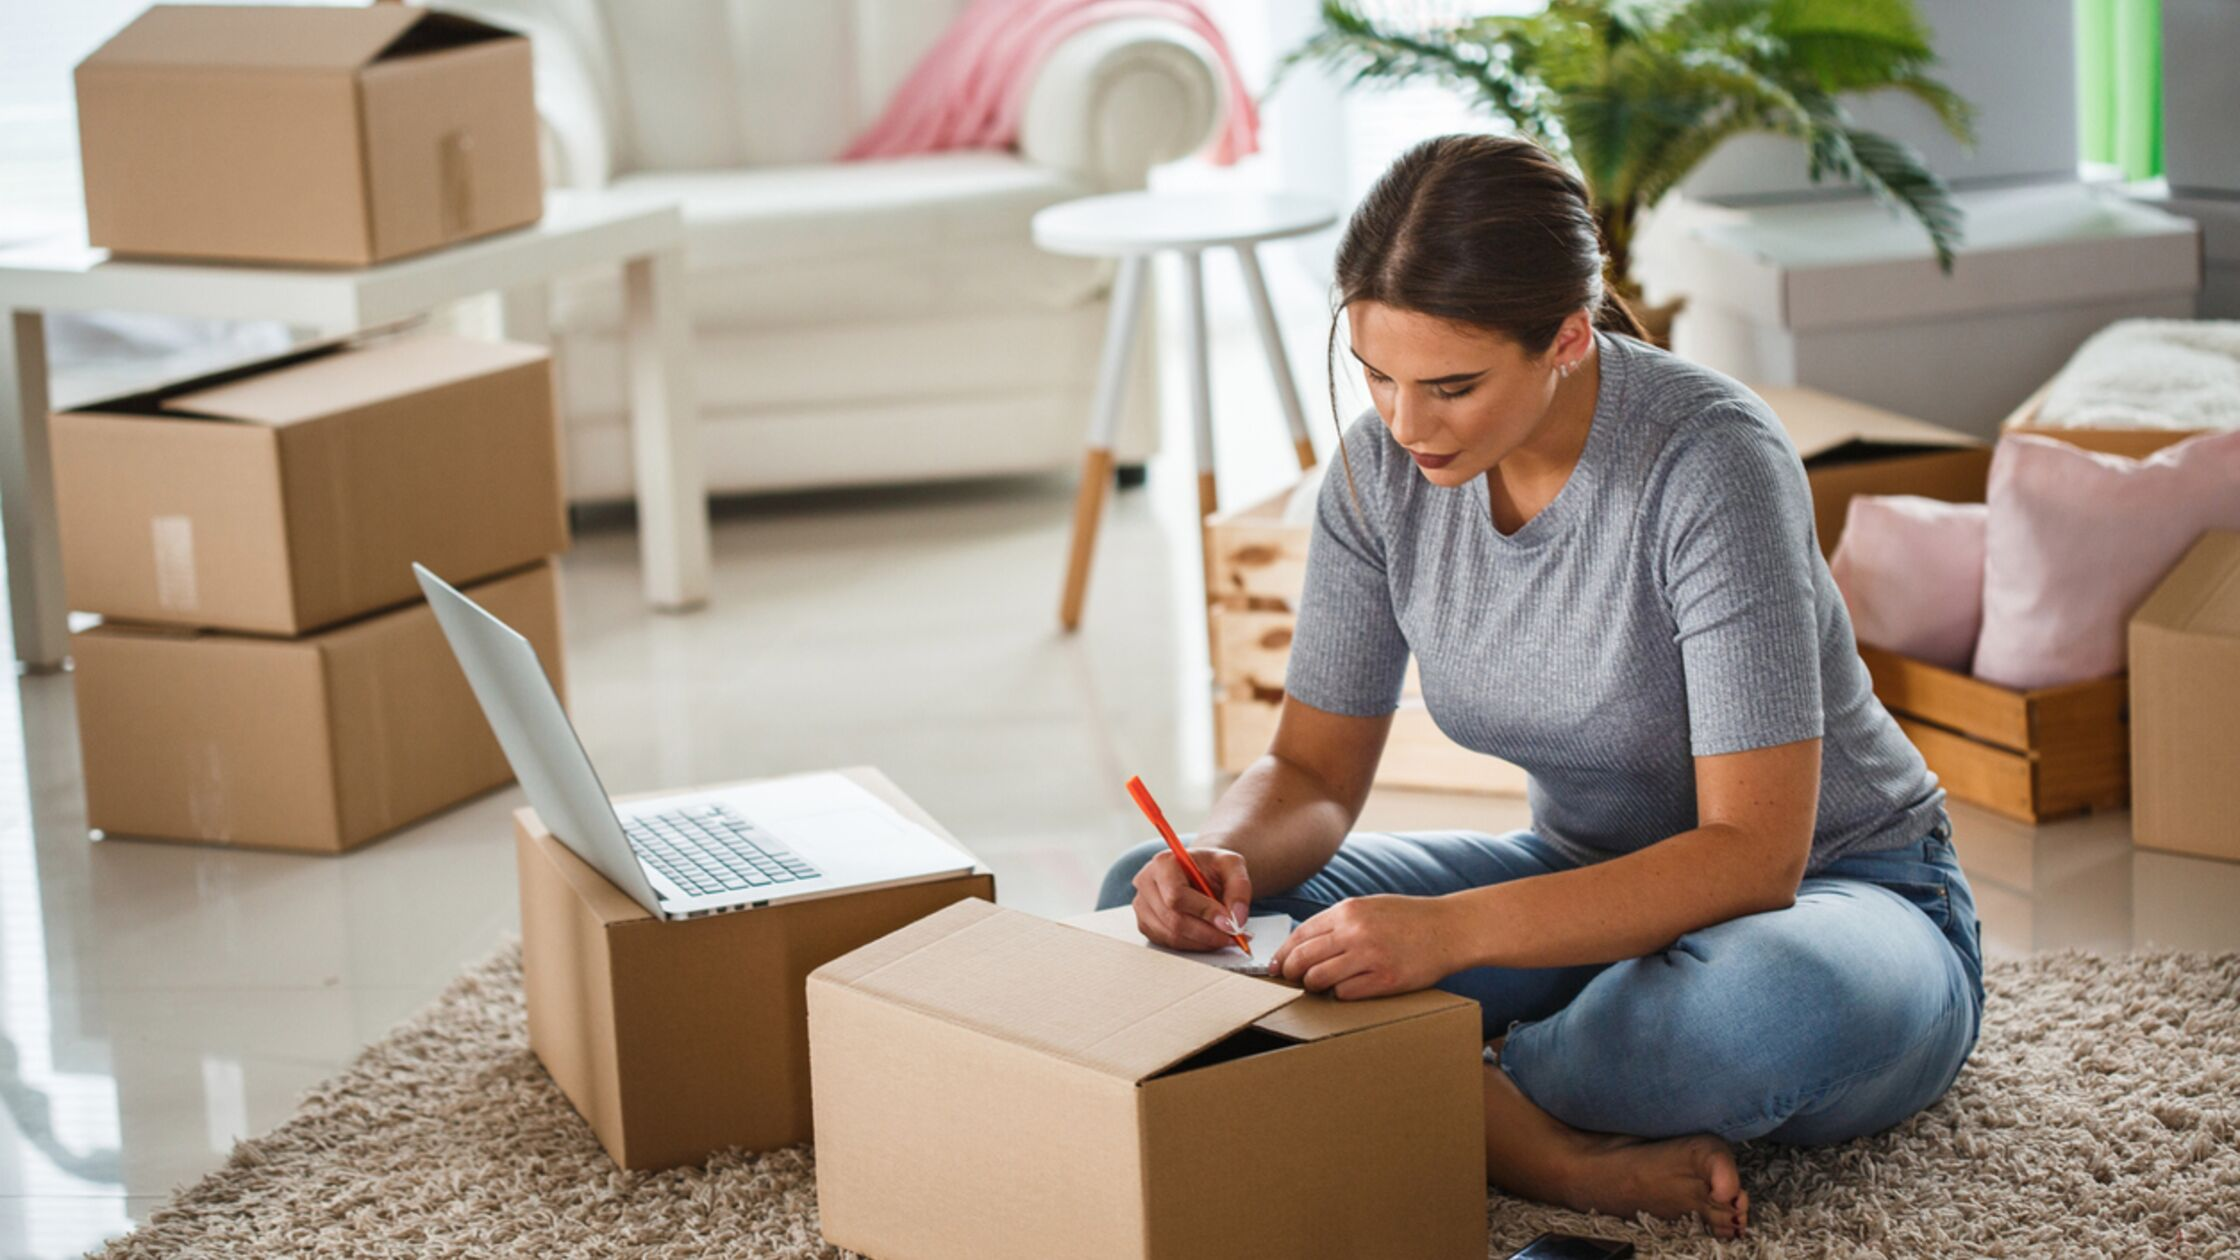 Wohnungsübergabeprotokoll: Sicherheit für Mieter & Vermieter